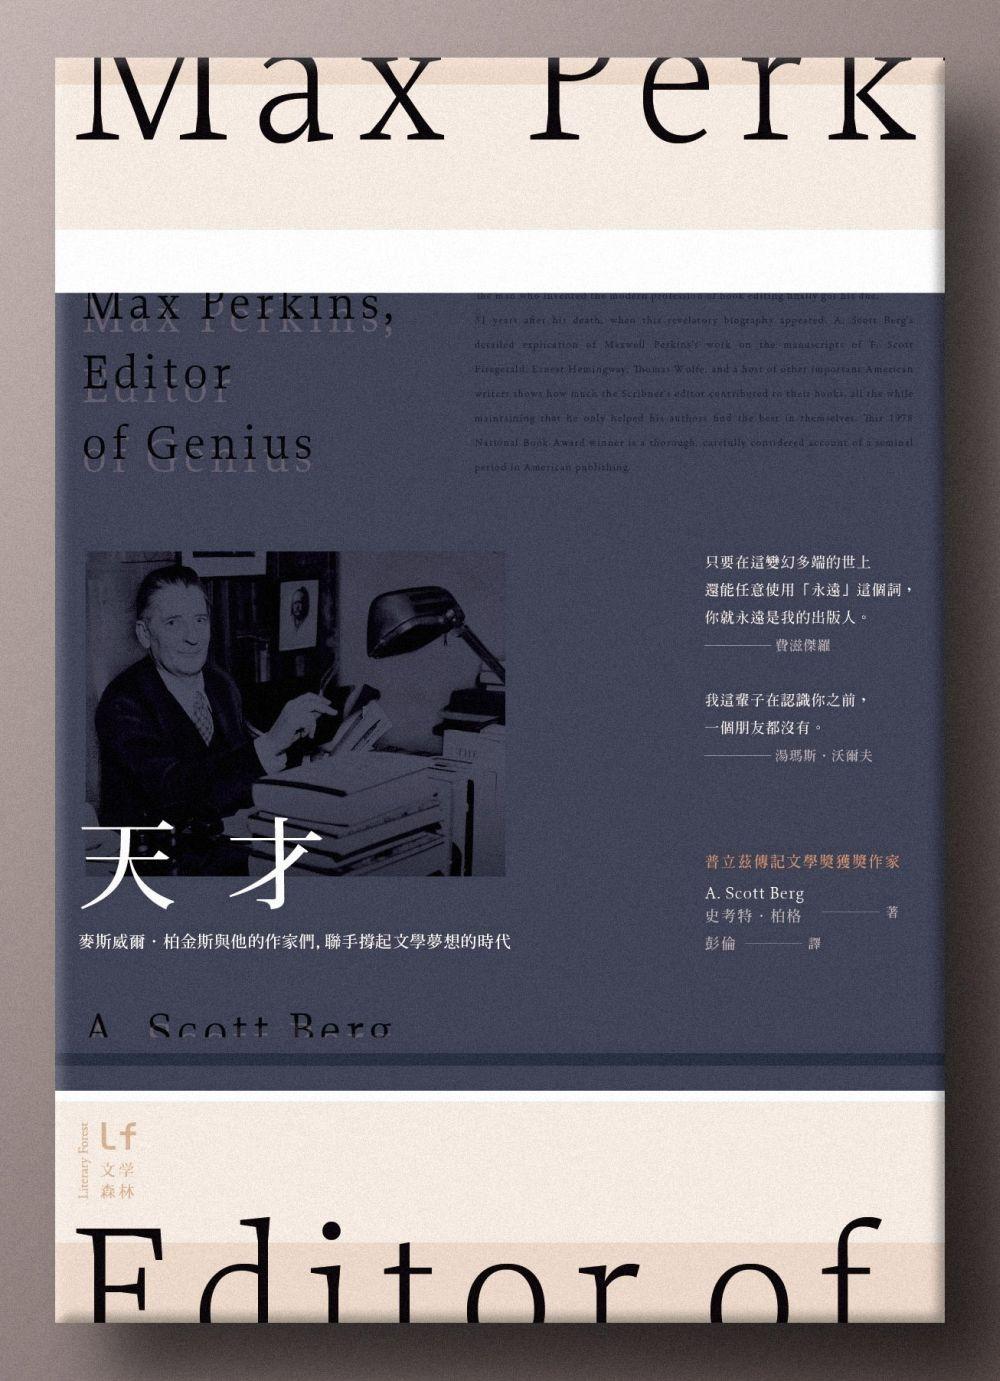 天才:麥斯威爾‧柏金斯與他的作家們,聯手撐起文學夢想的時代